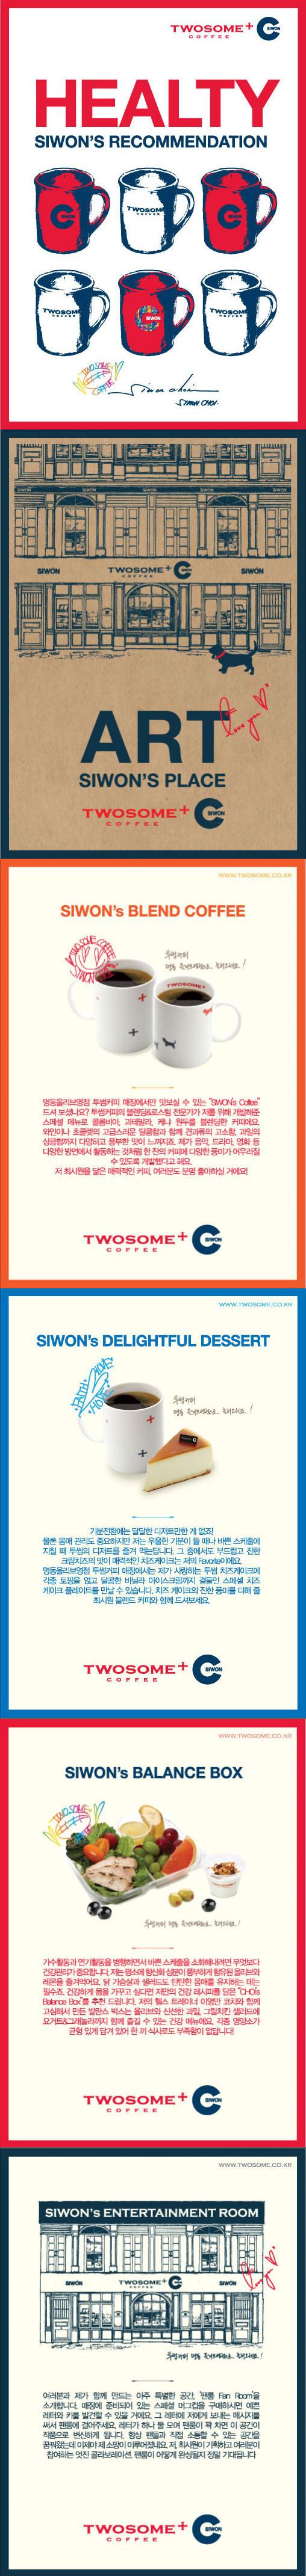 TwoSome Siwon